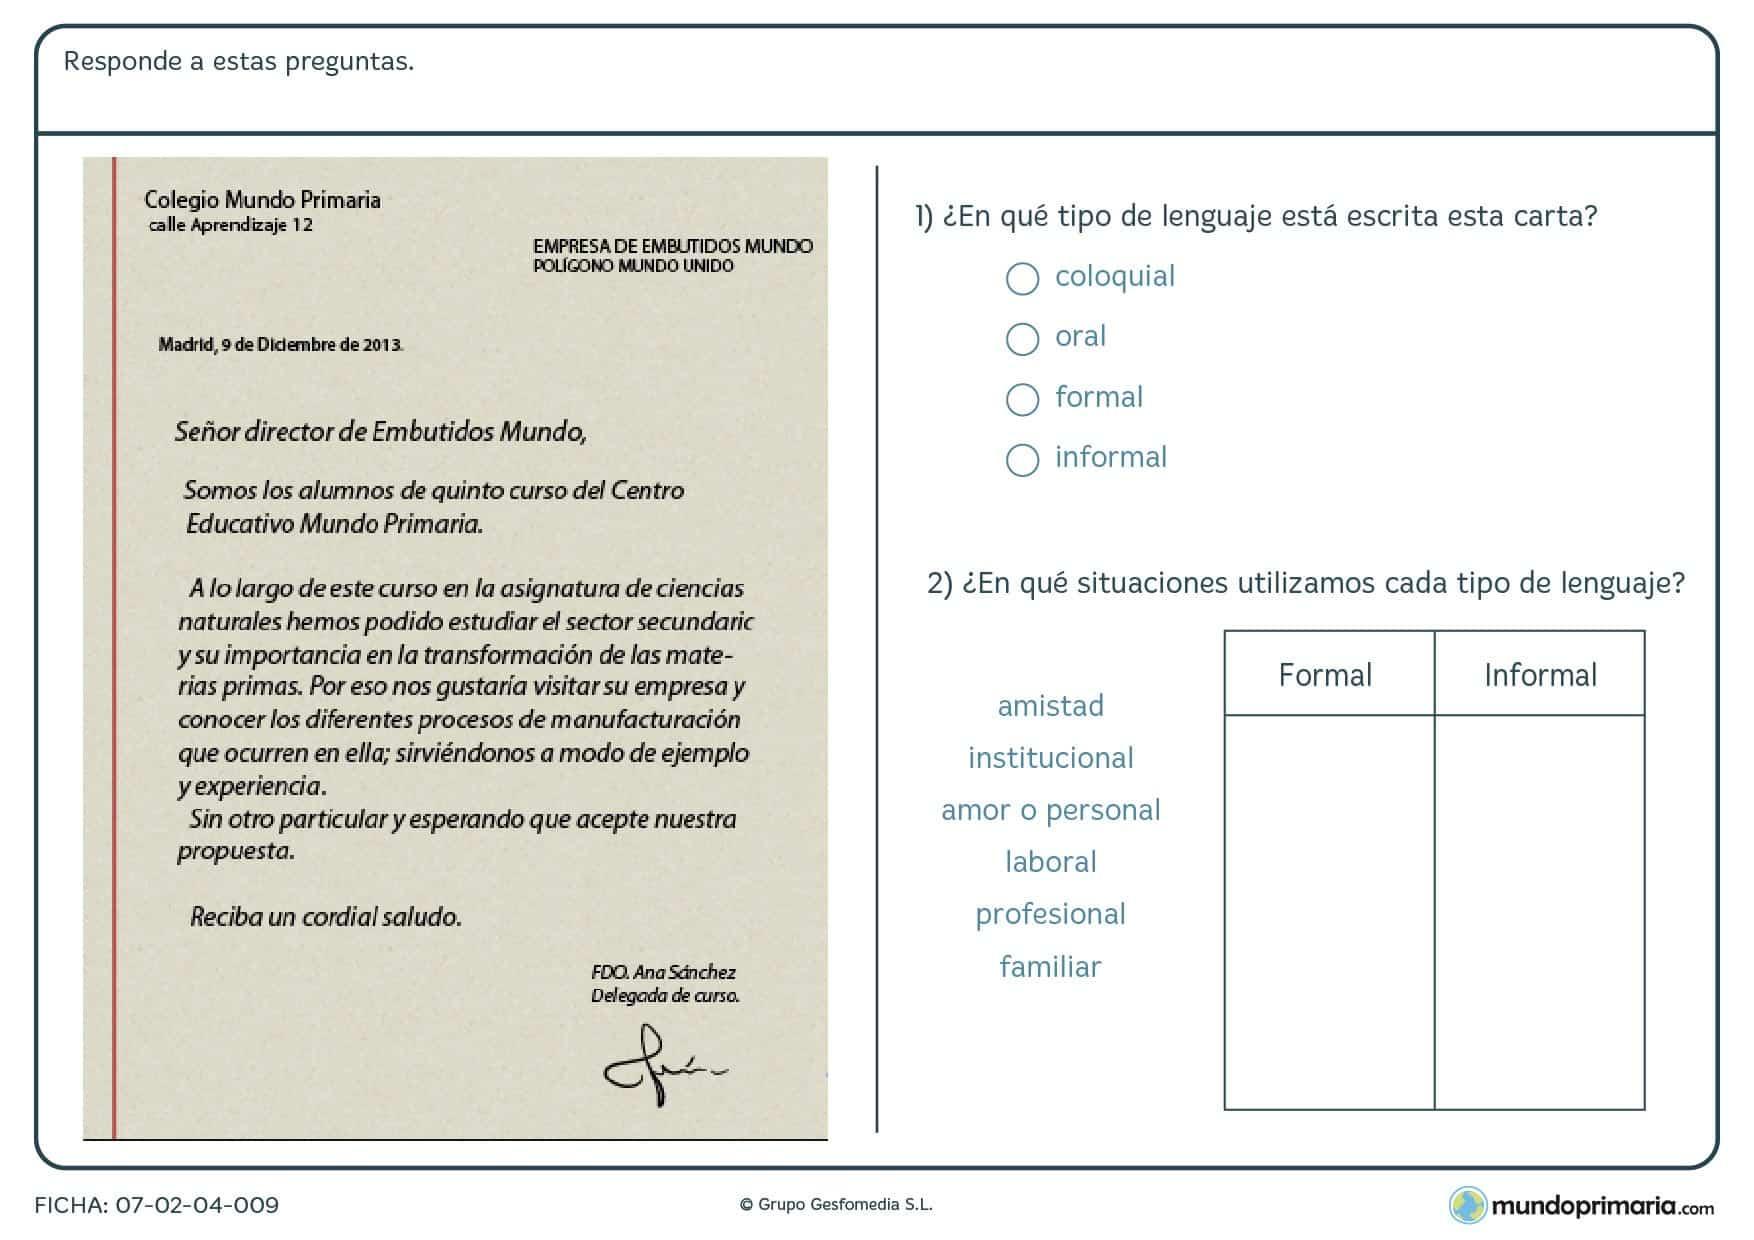 Ficha de contestar preguntas sobre los tipos de lenguaje de una carta